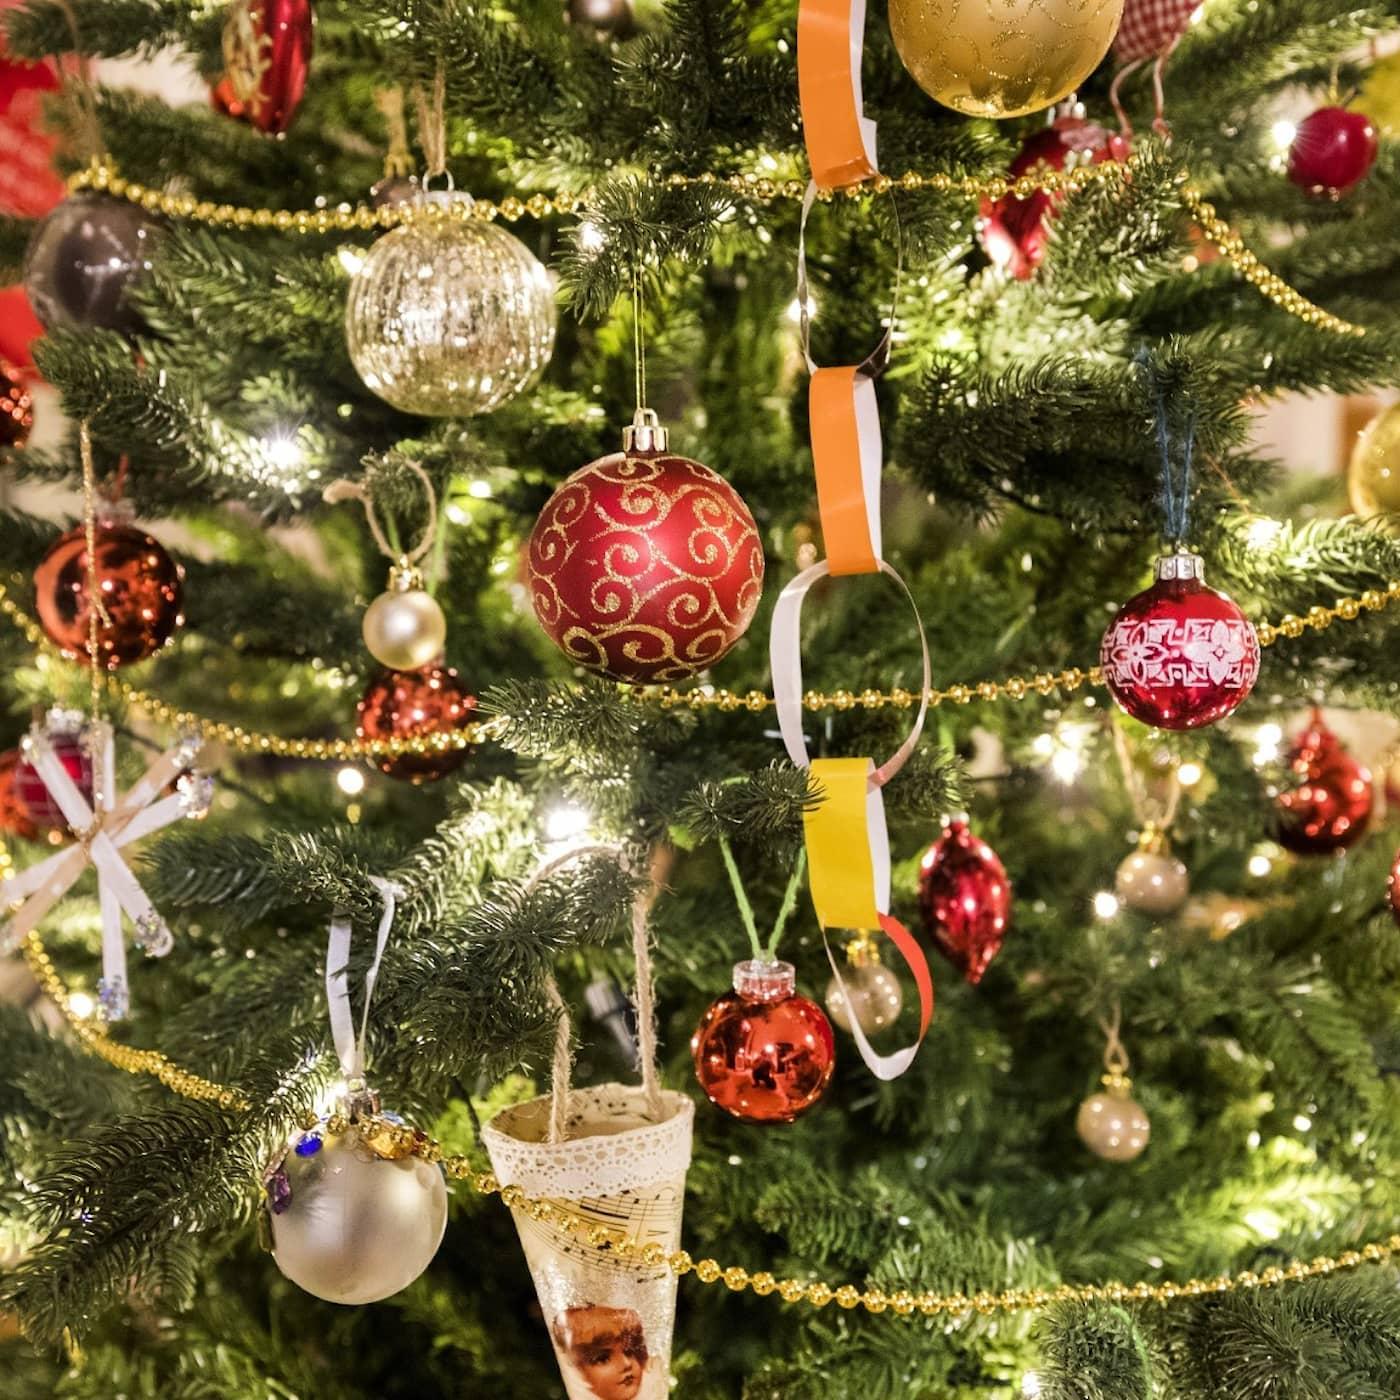 Bjällerklang, tomtar och snömosiga texter – är julmusik trivsel eller terror?